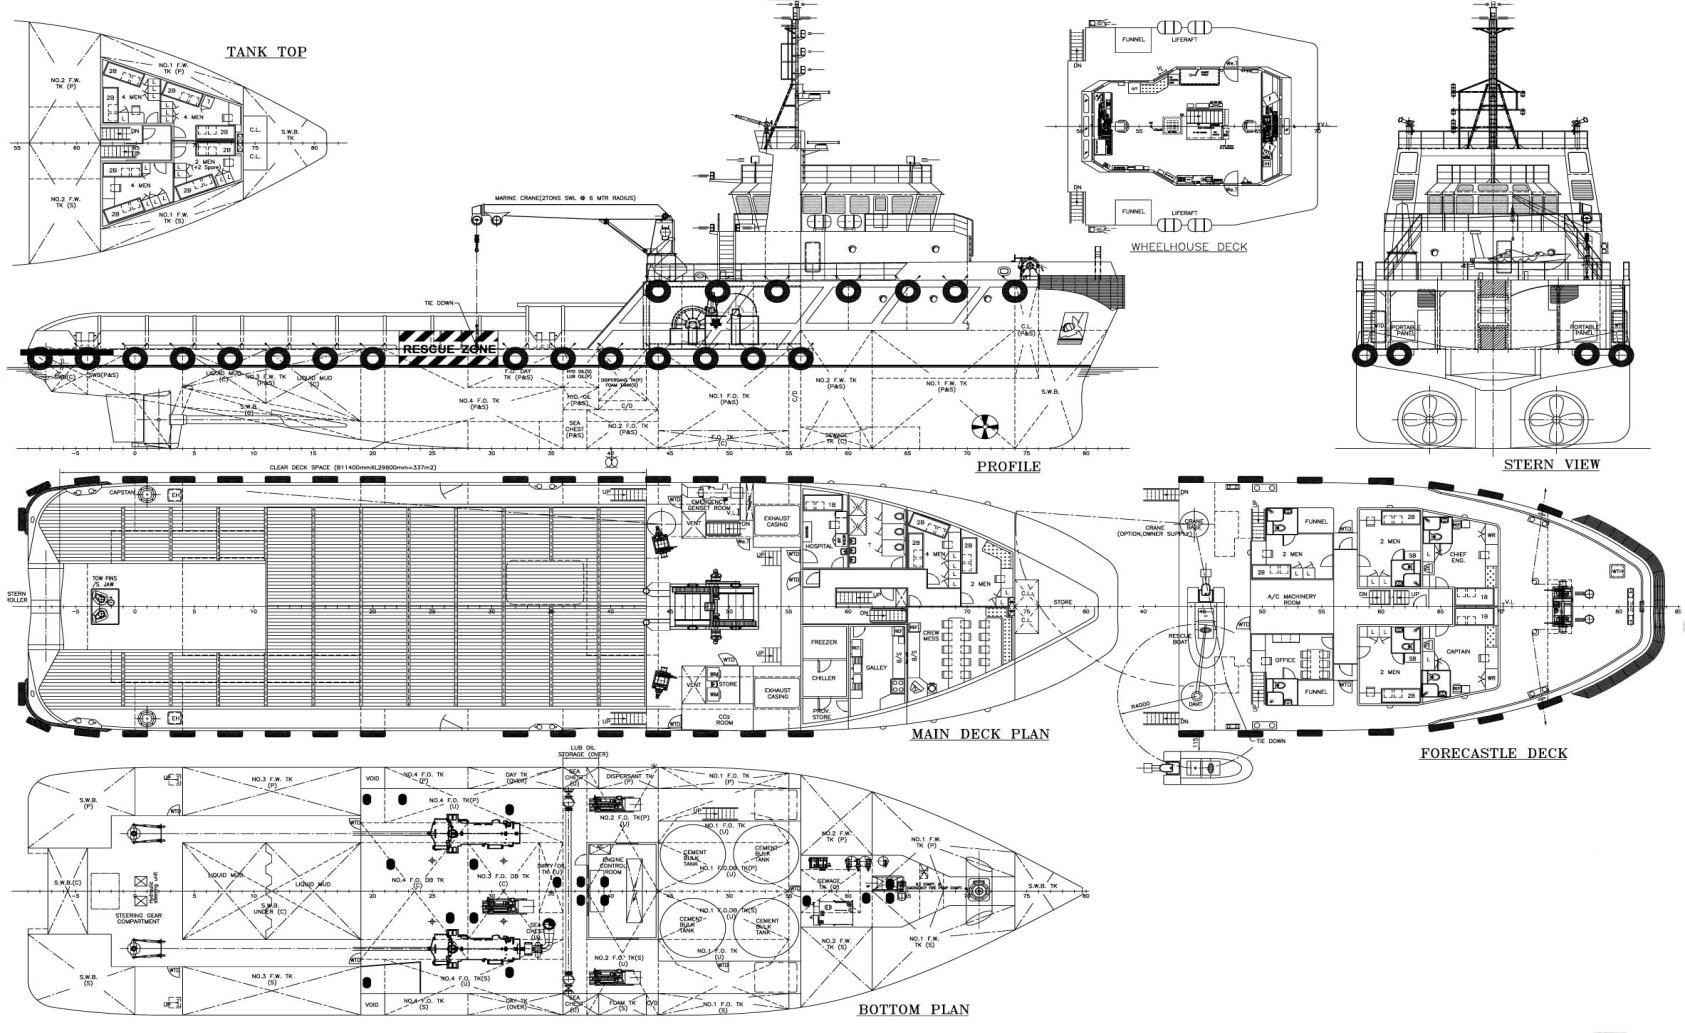 Diagrams Wiring Marquis Spa Parts Diagram